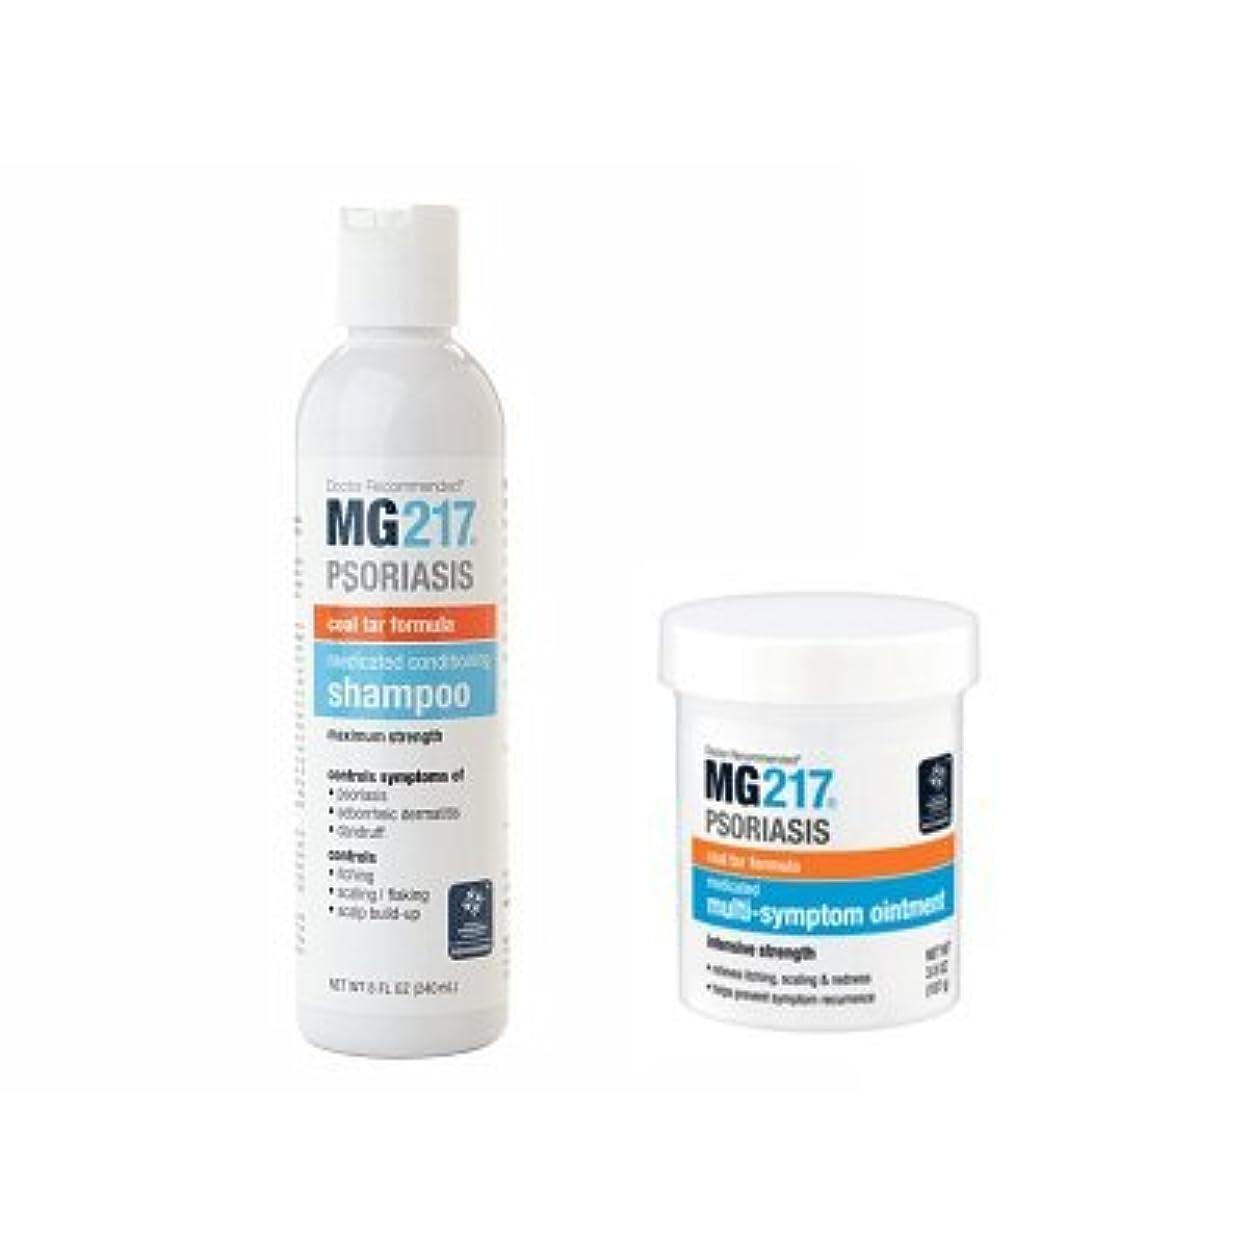 アパート精巧な永久にMG217 シャンプー&軟膏セット 240ml/107ml Psoriasis Medicated Conditioning Shampoo,Ointment set 海外直送品